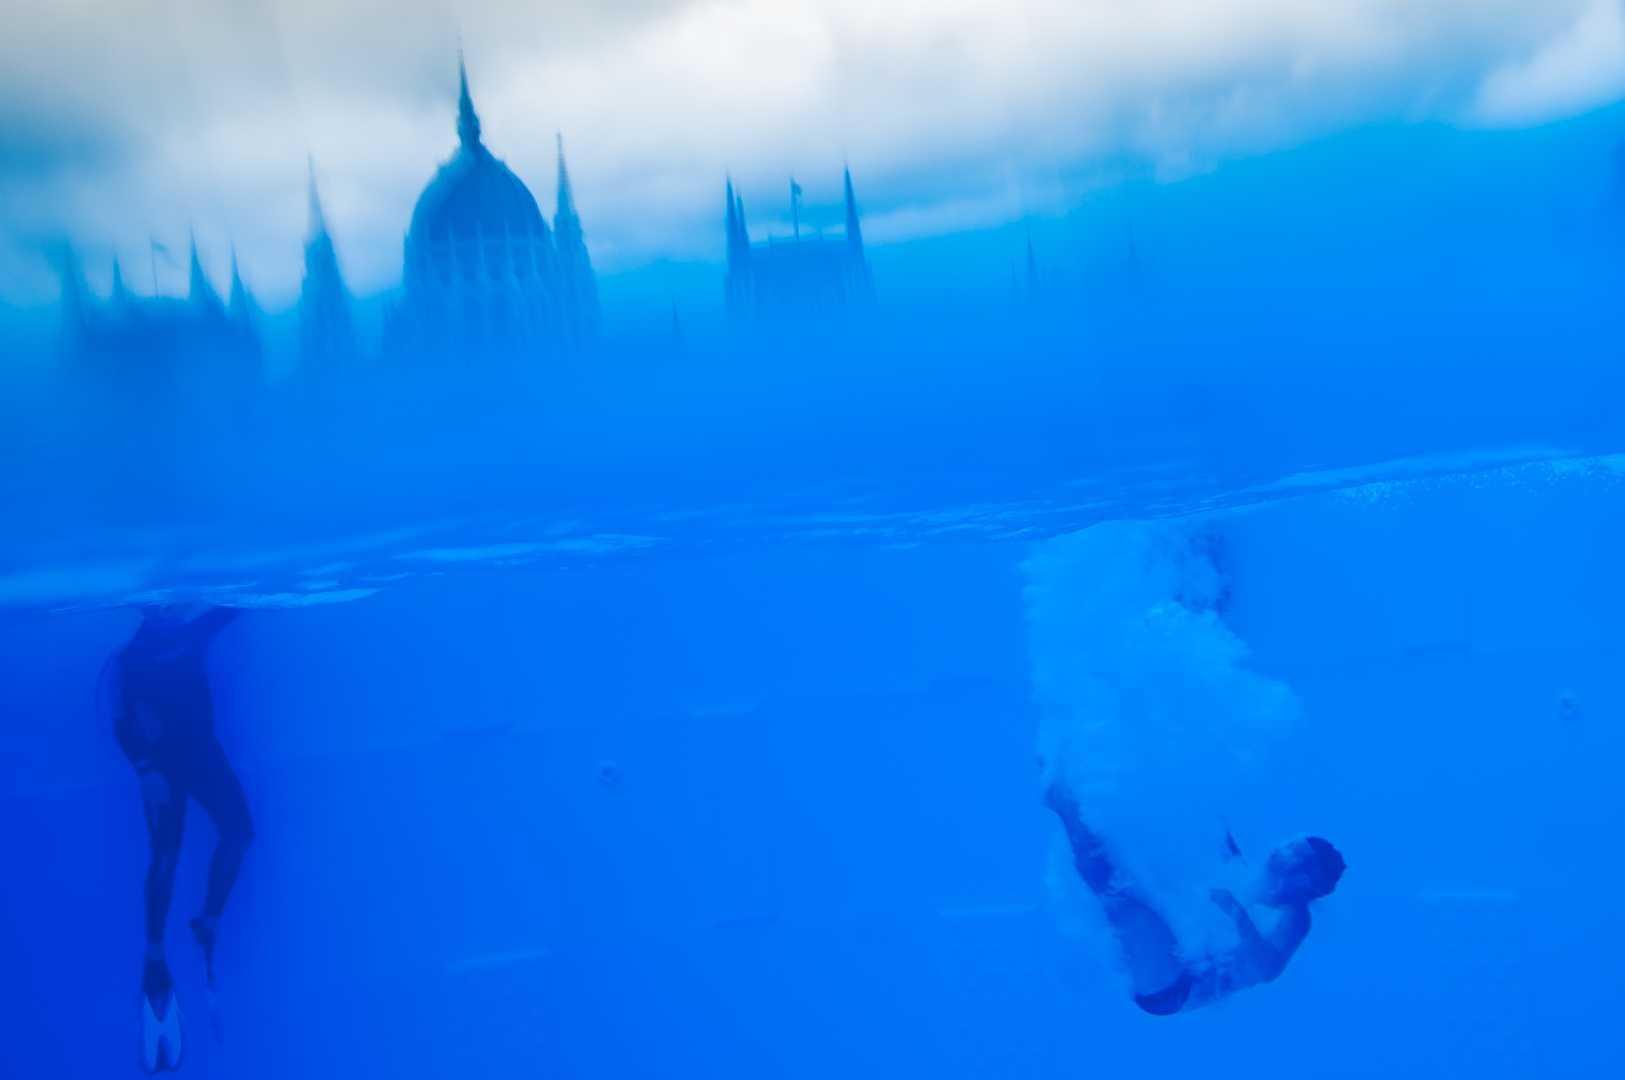 Nagy pillanatok és a Nagy kékség a győztes képek között